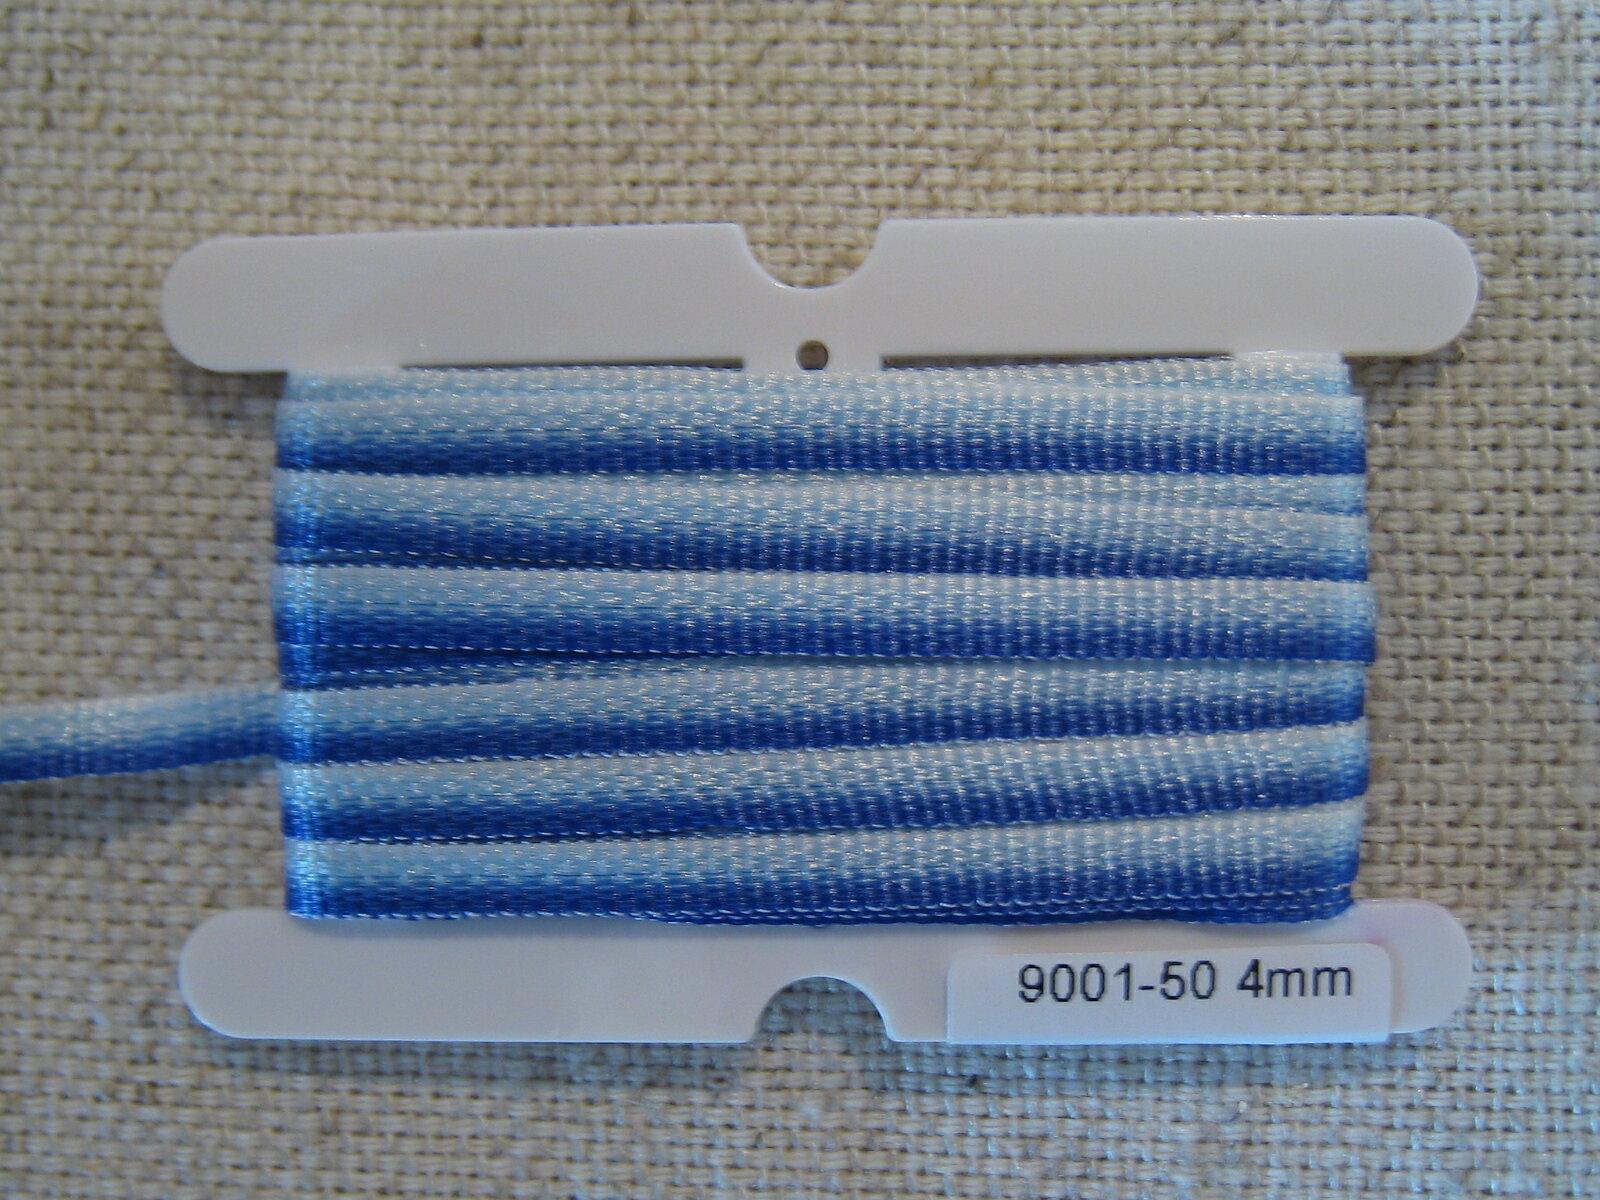 Petals緞帶刺繡- 漸層仿絲帶 4mm (十四色) 5